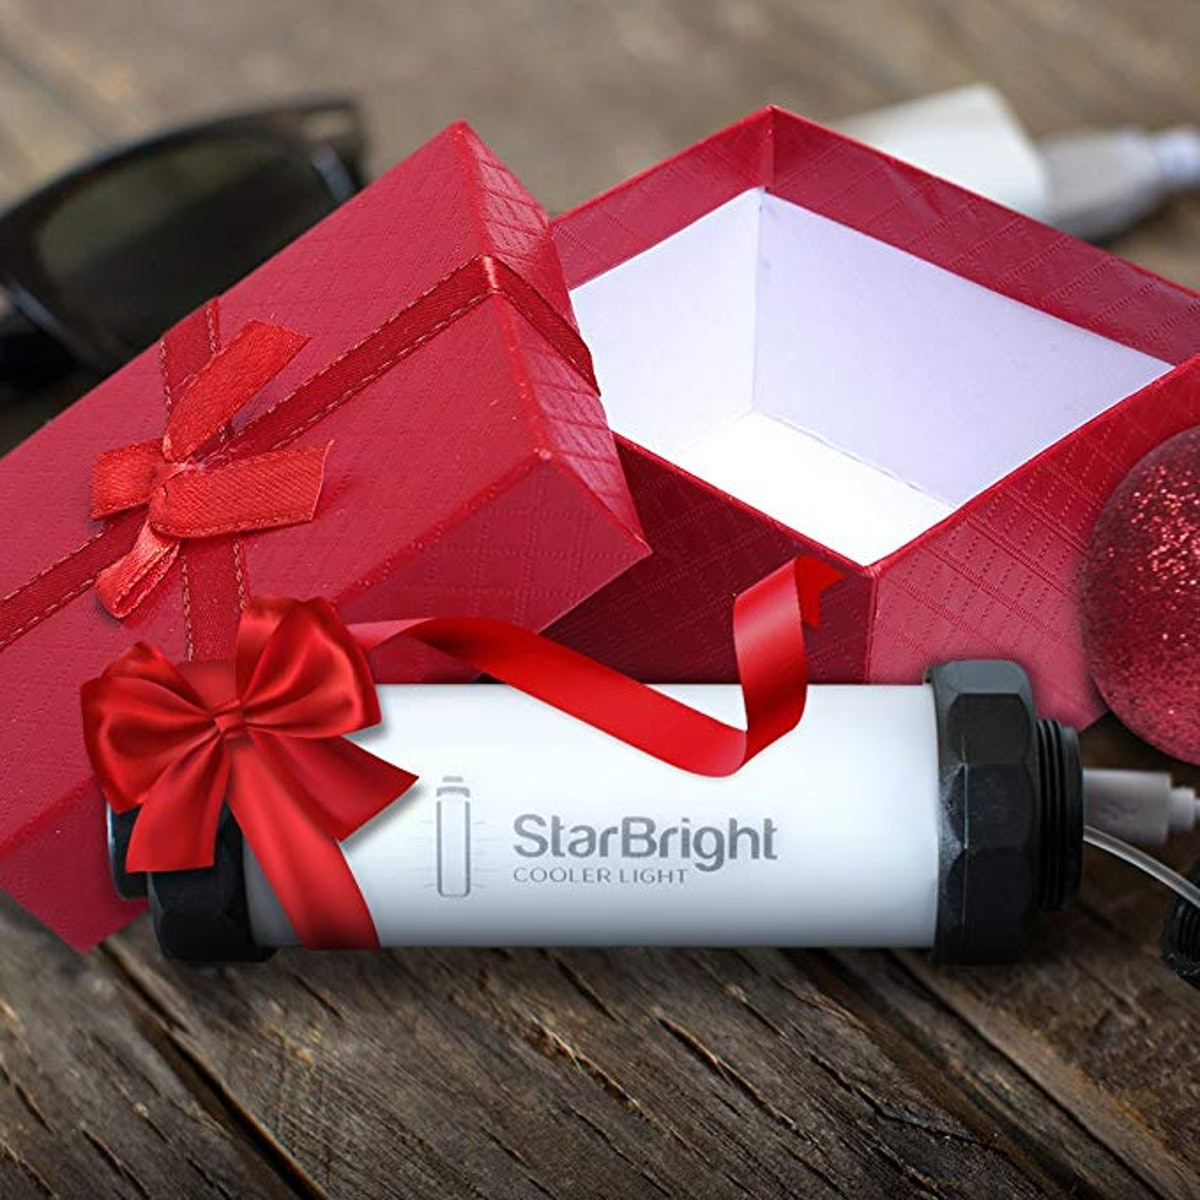 StarBright Cooler Light